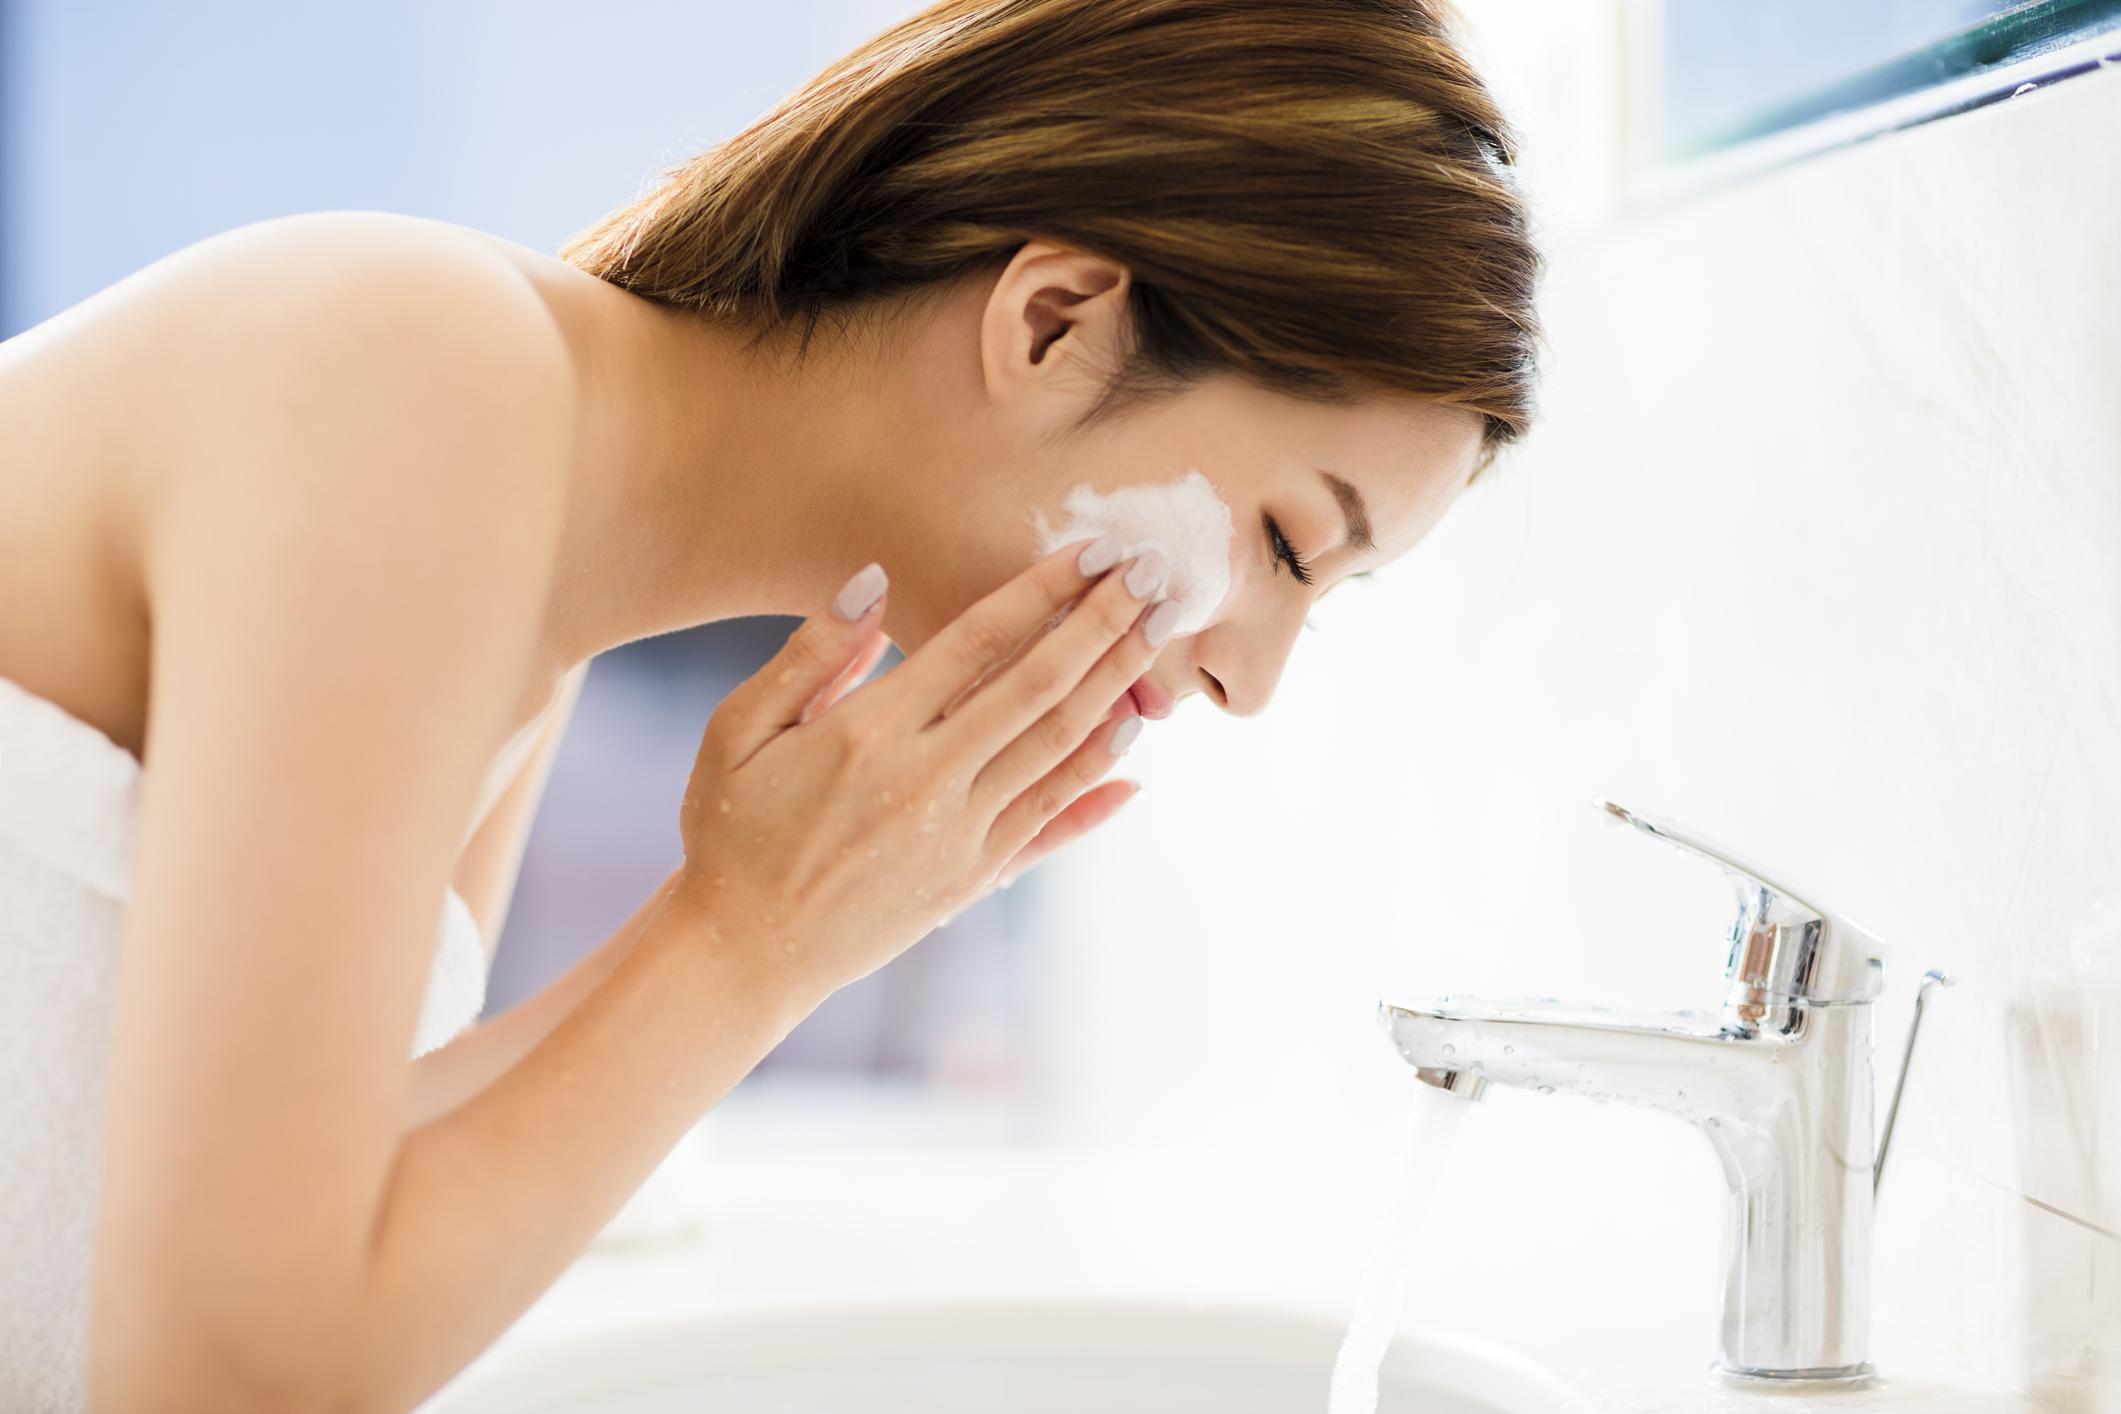 Na hora de escolher o produto é preciso entender qual é o seu tipo de pele e ficar atento a alguns pontos importantes. A higienização é o ponto de partida.